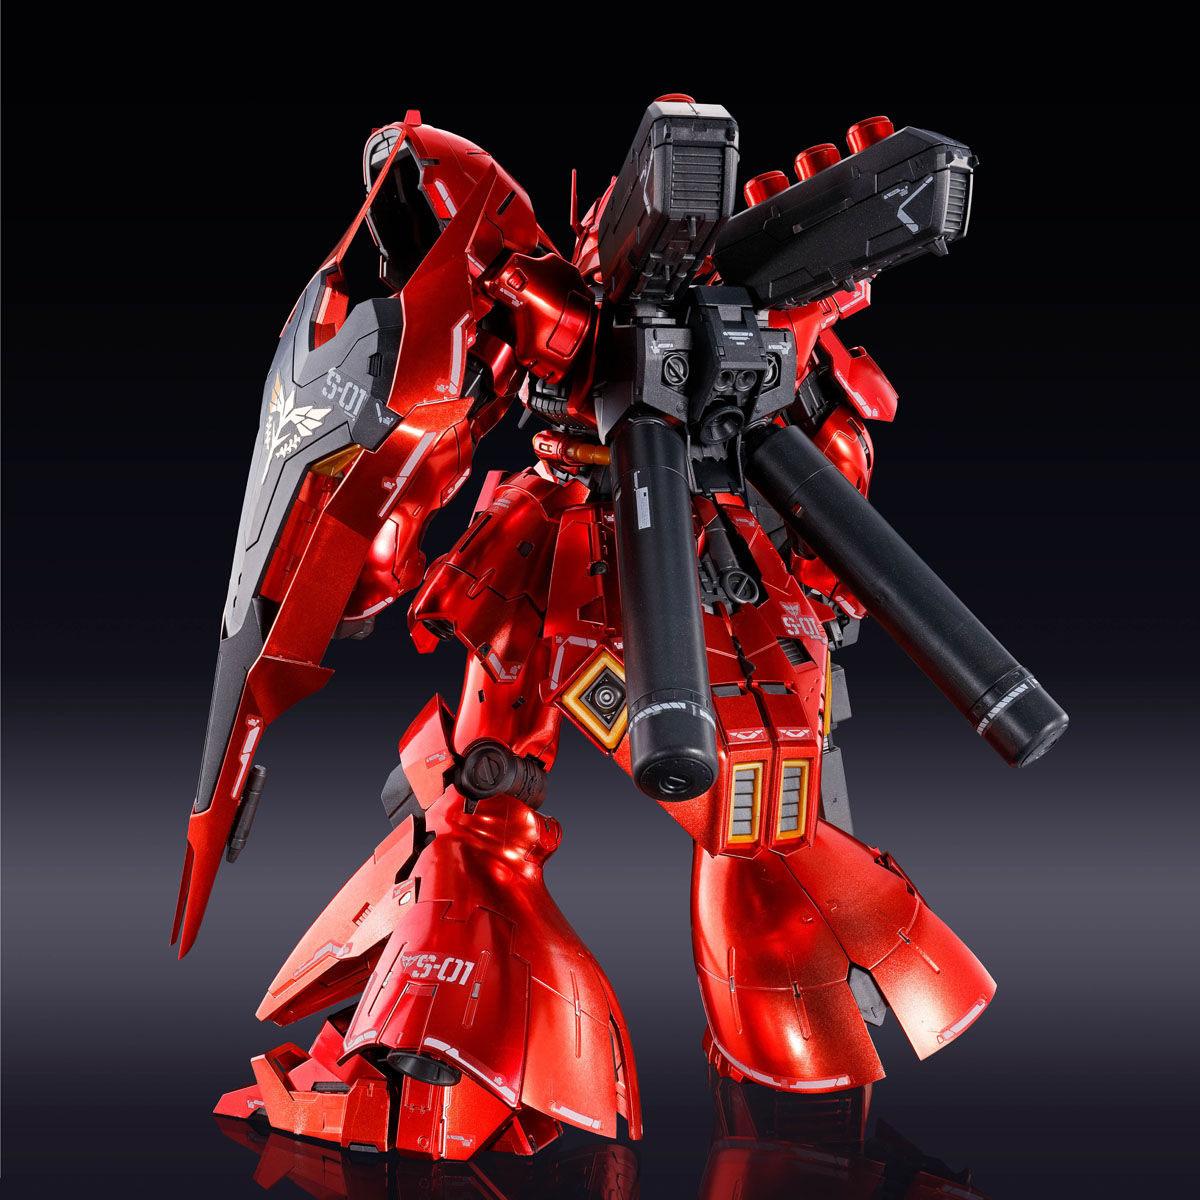 RG 1/144『サザビー[スペシャルコーティング]』機動戦士ガンダム 逆襲のシャア プラモデル-003